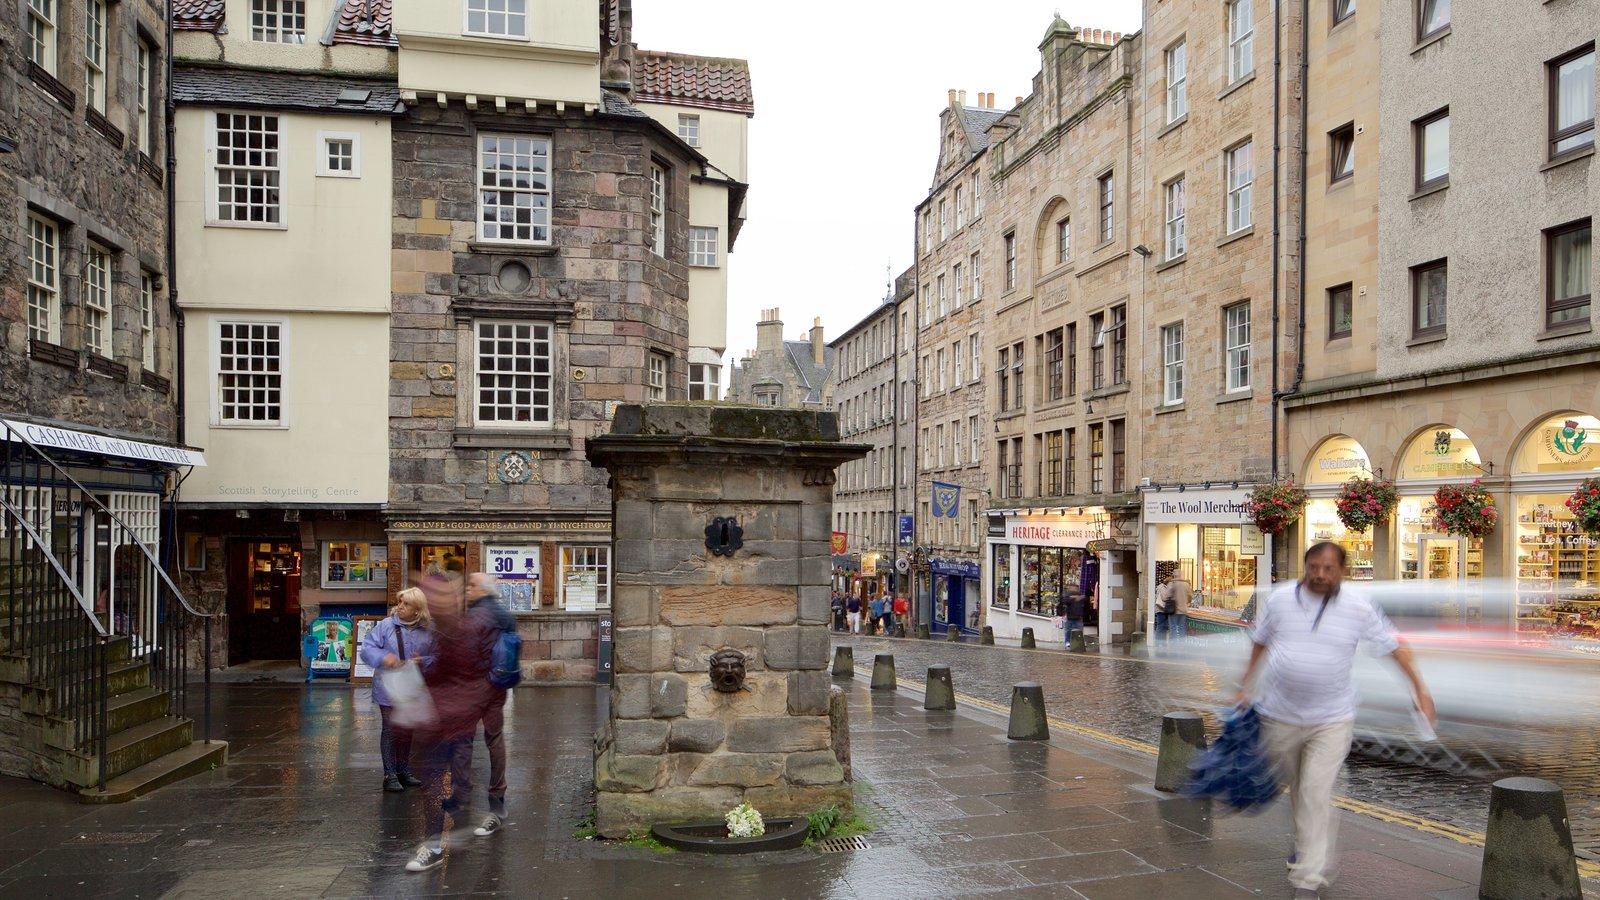 Old Town que incluye escenas urbanas y también un pequeño grupo de personas